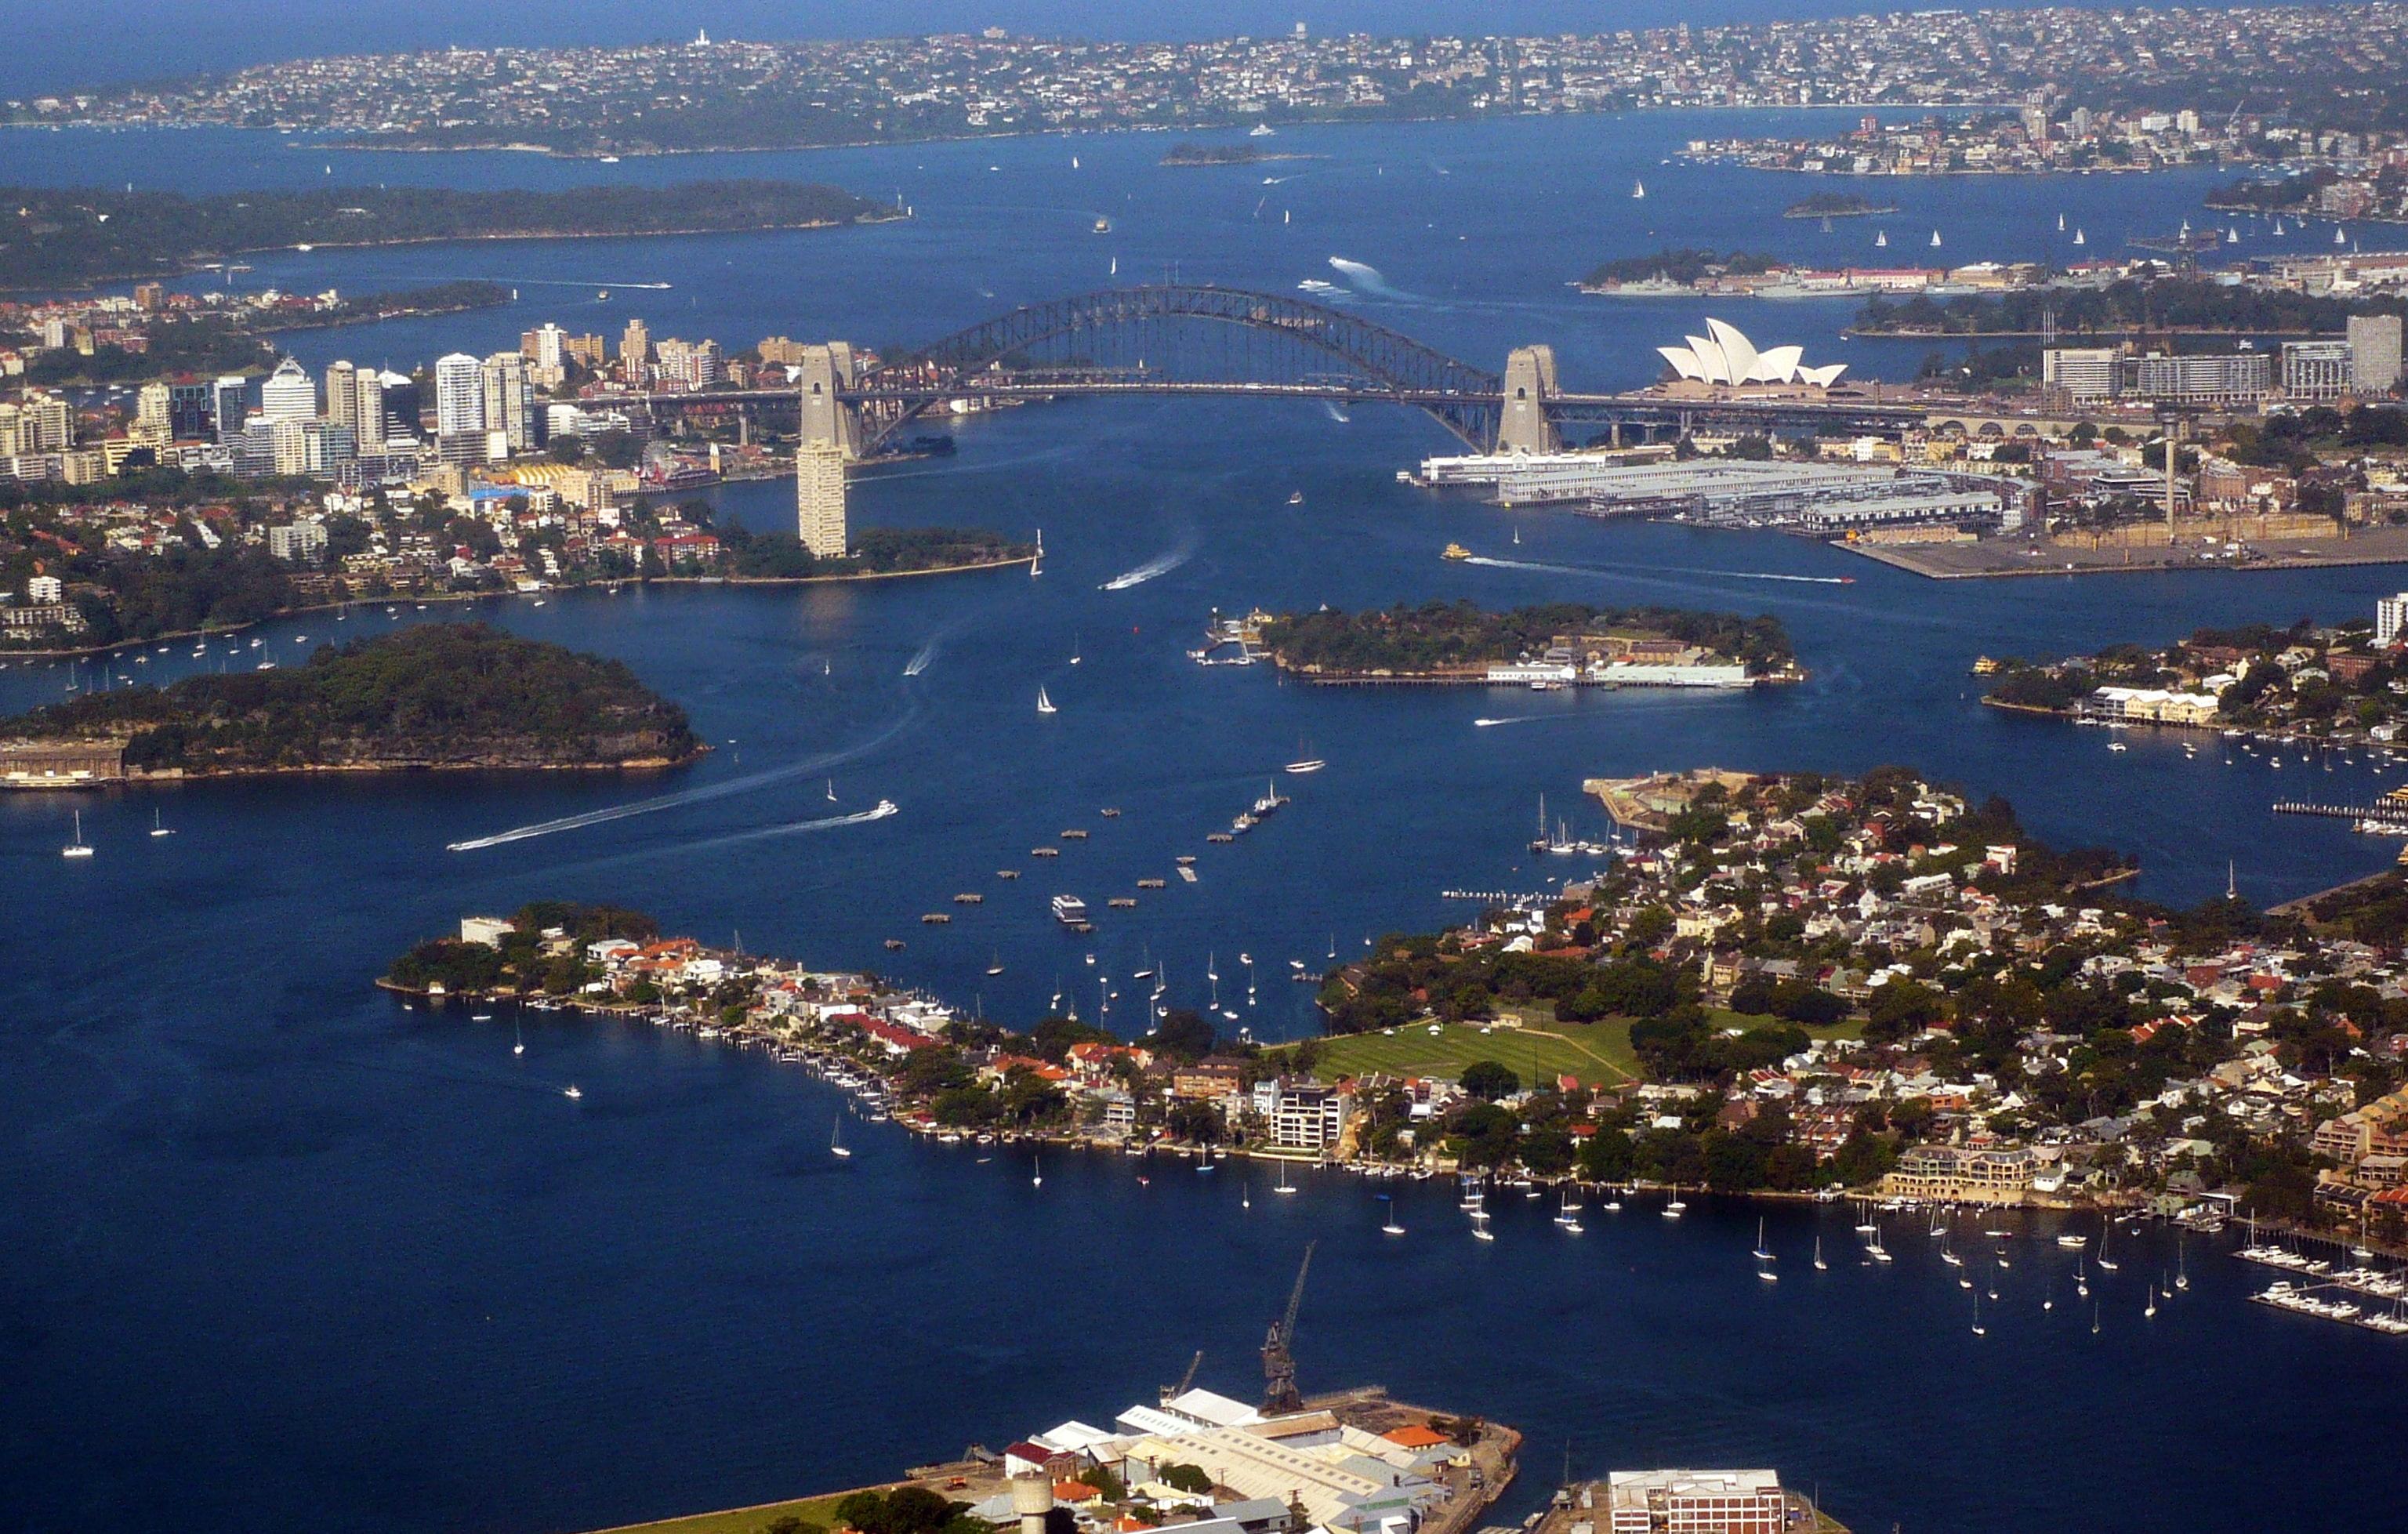 99 - 10 địa điểm hot tại Sydney dành cho du khách yêu thích khám phá